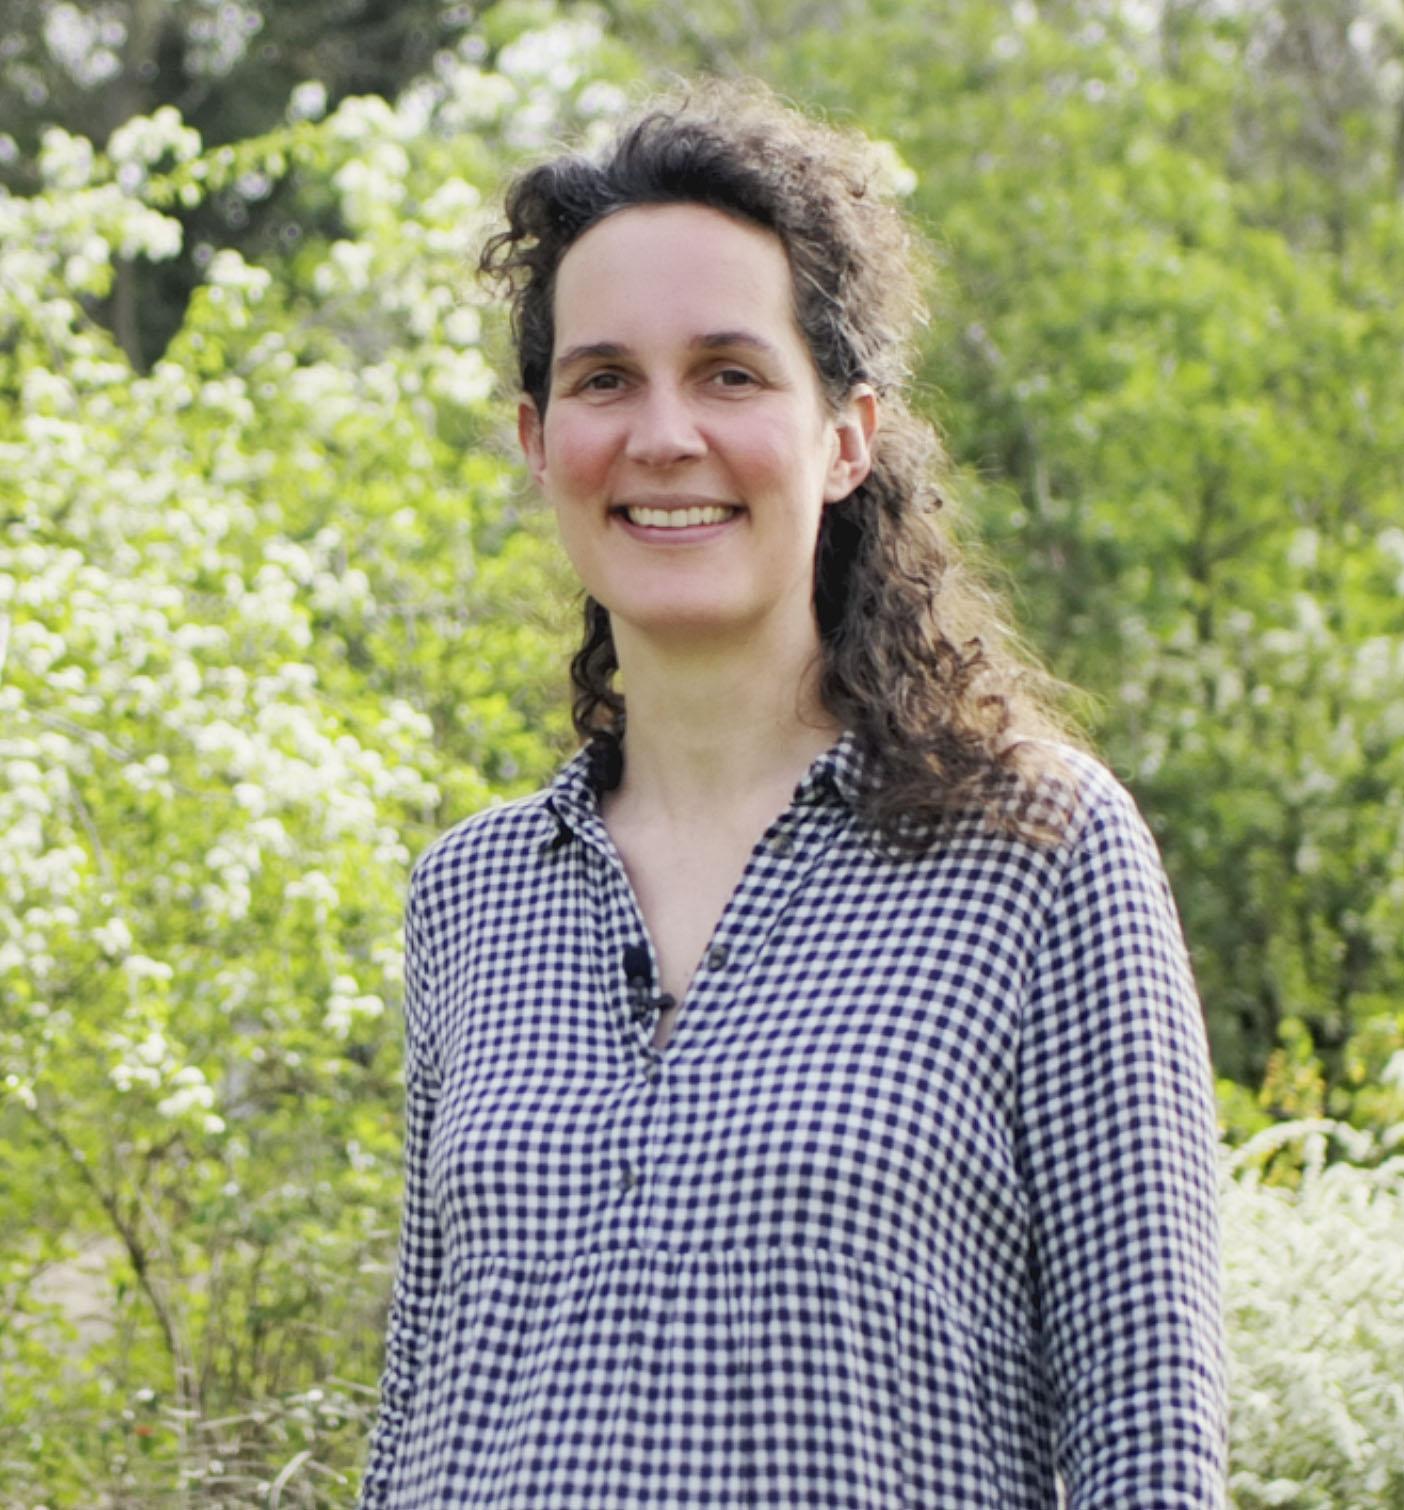 Céline Orjubin